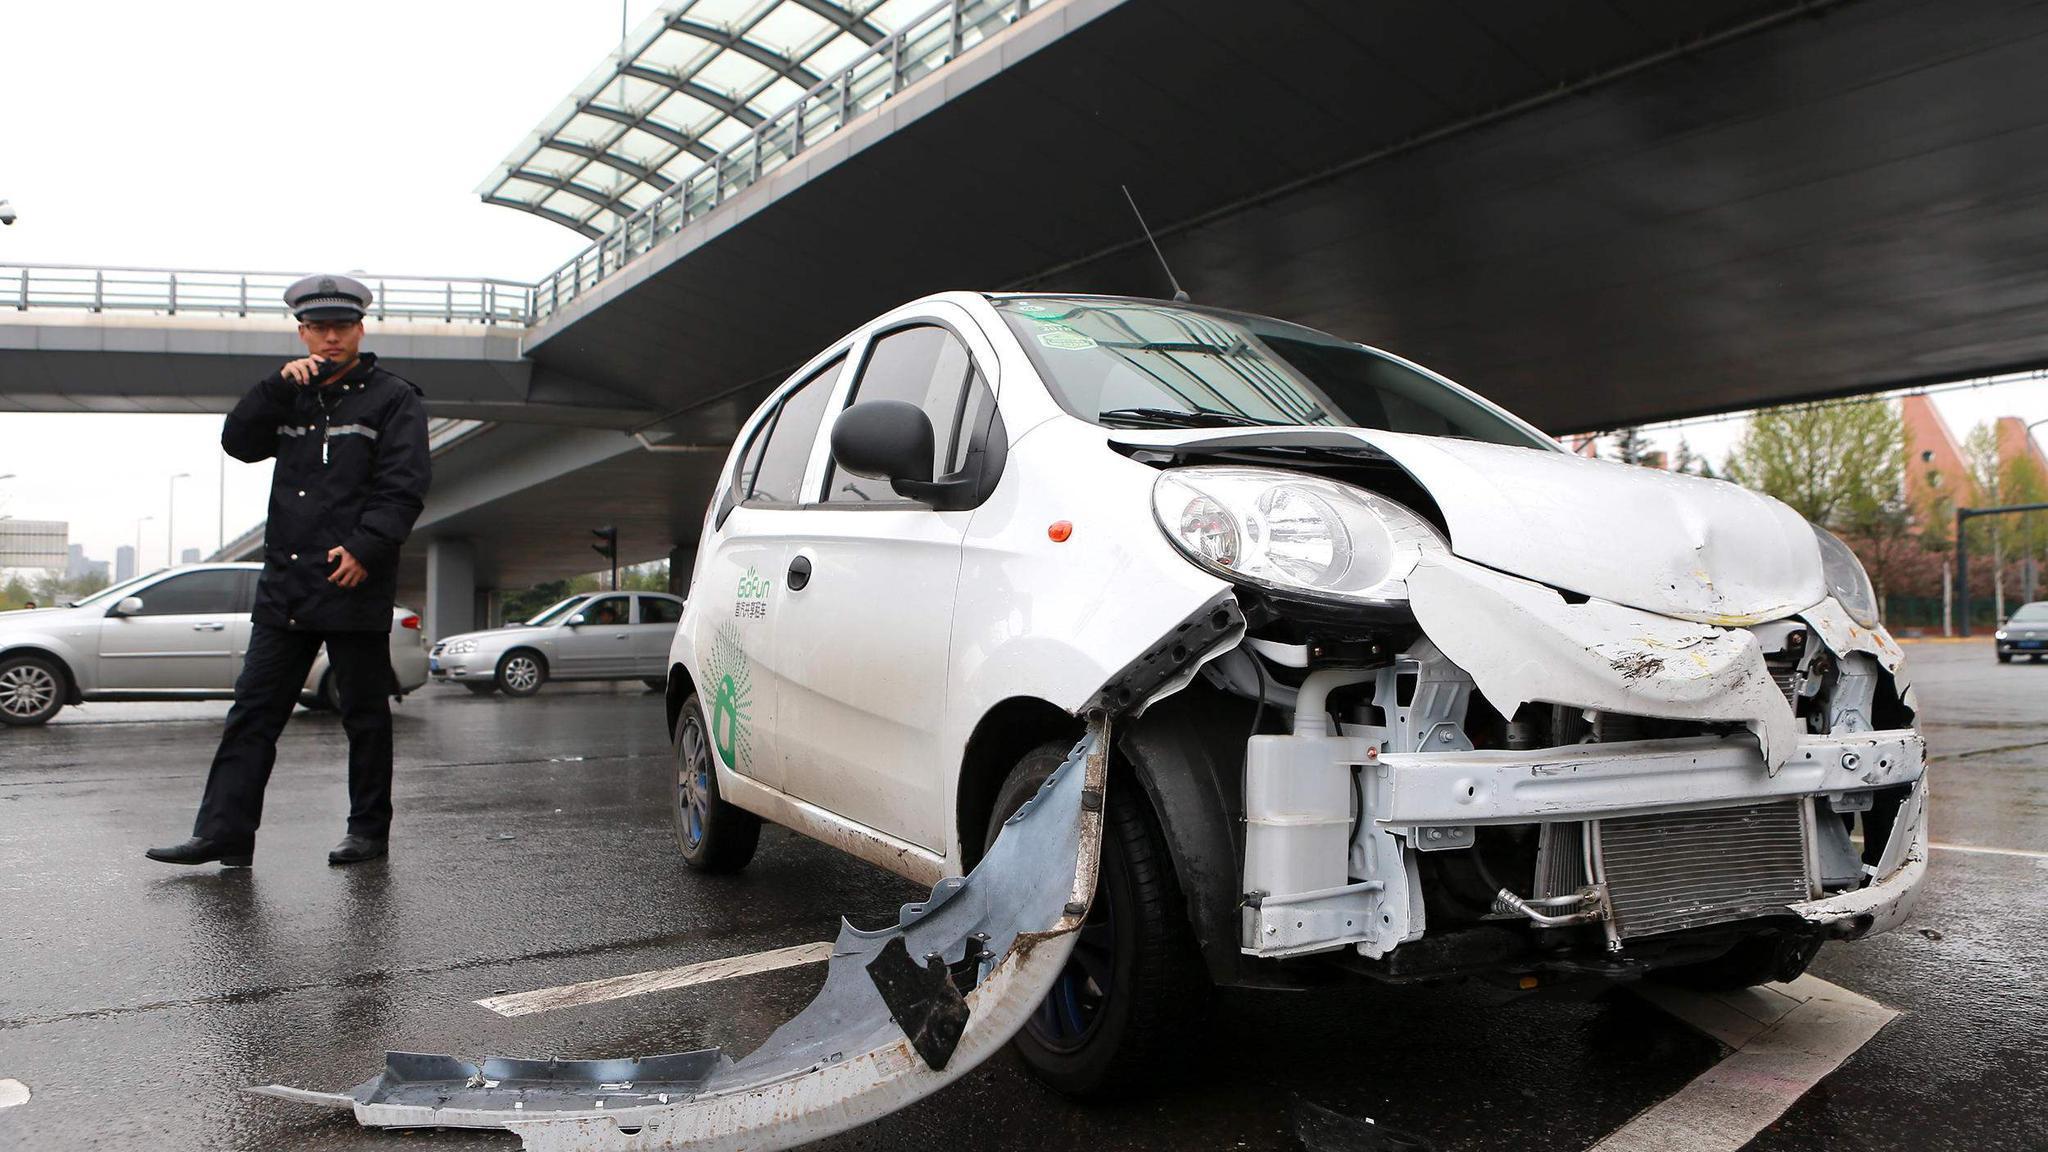 无证驾驶开车出了事故怎么处理?对方责任也要被罚吗?看完长知识